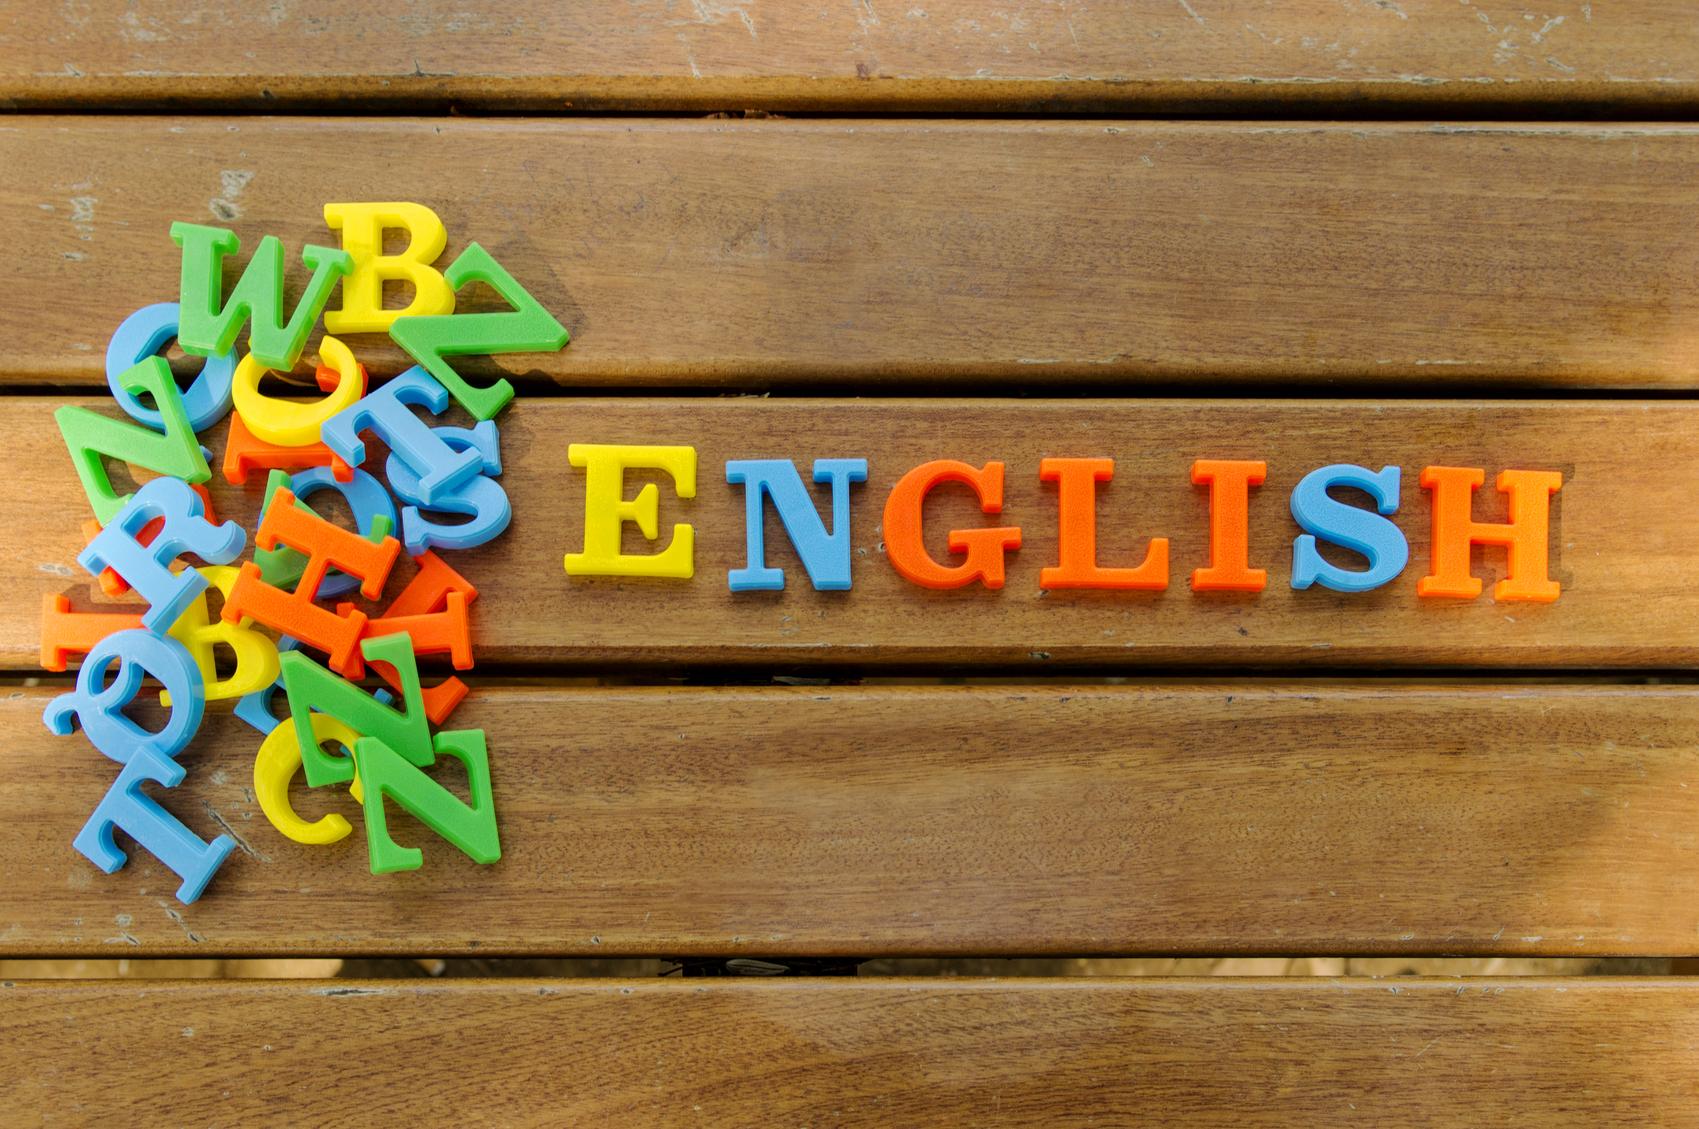 Fear no english class